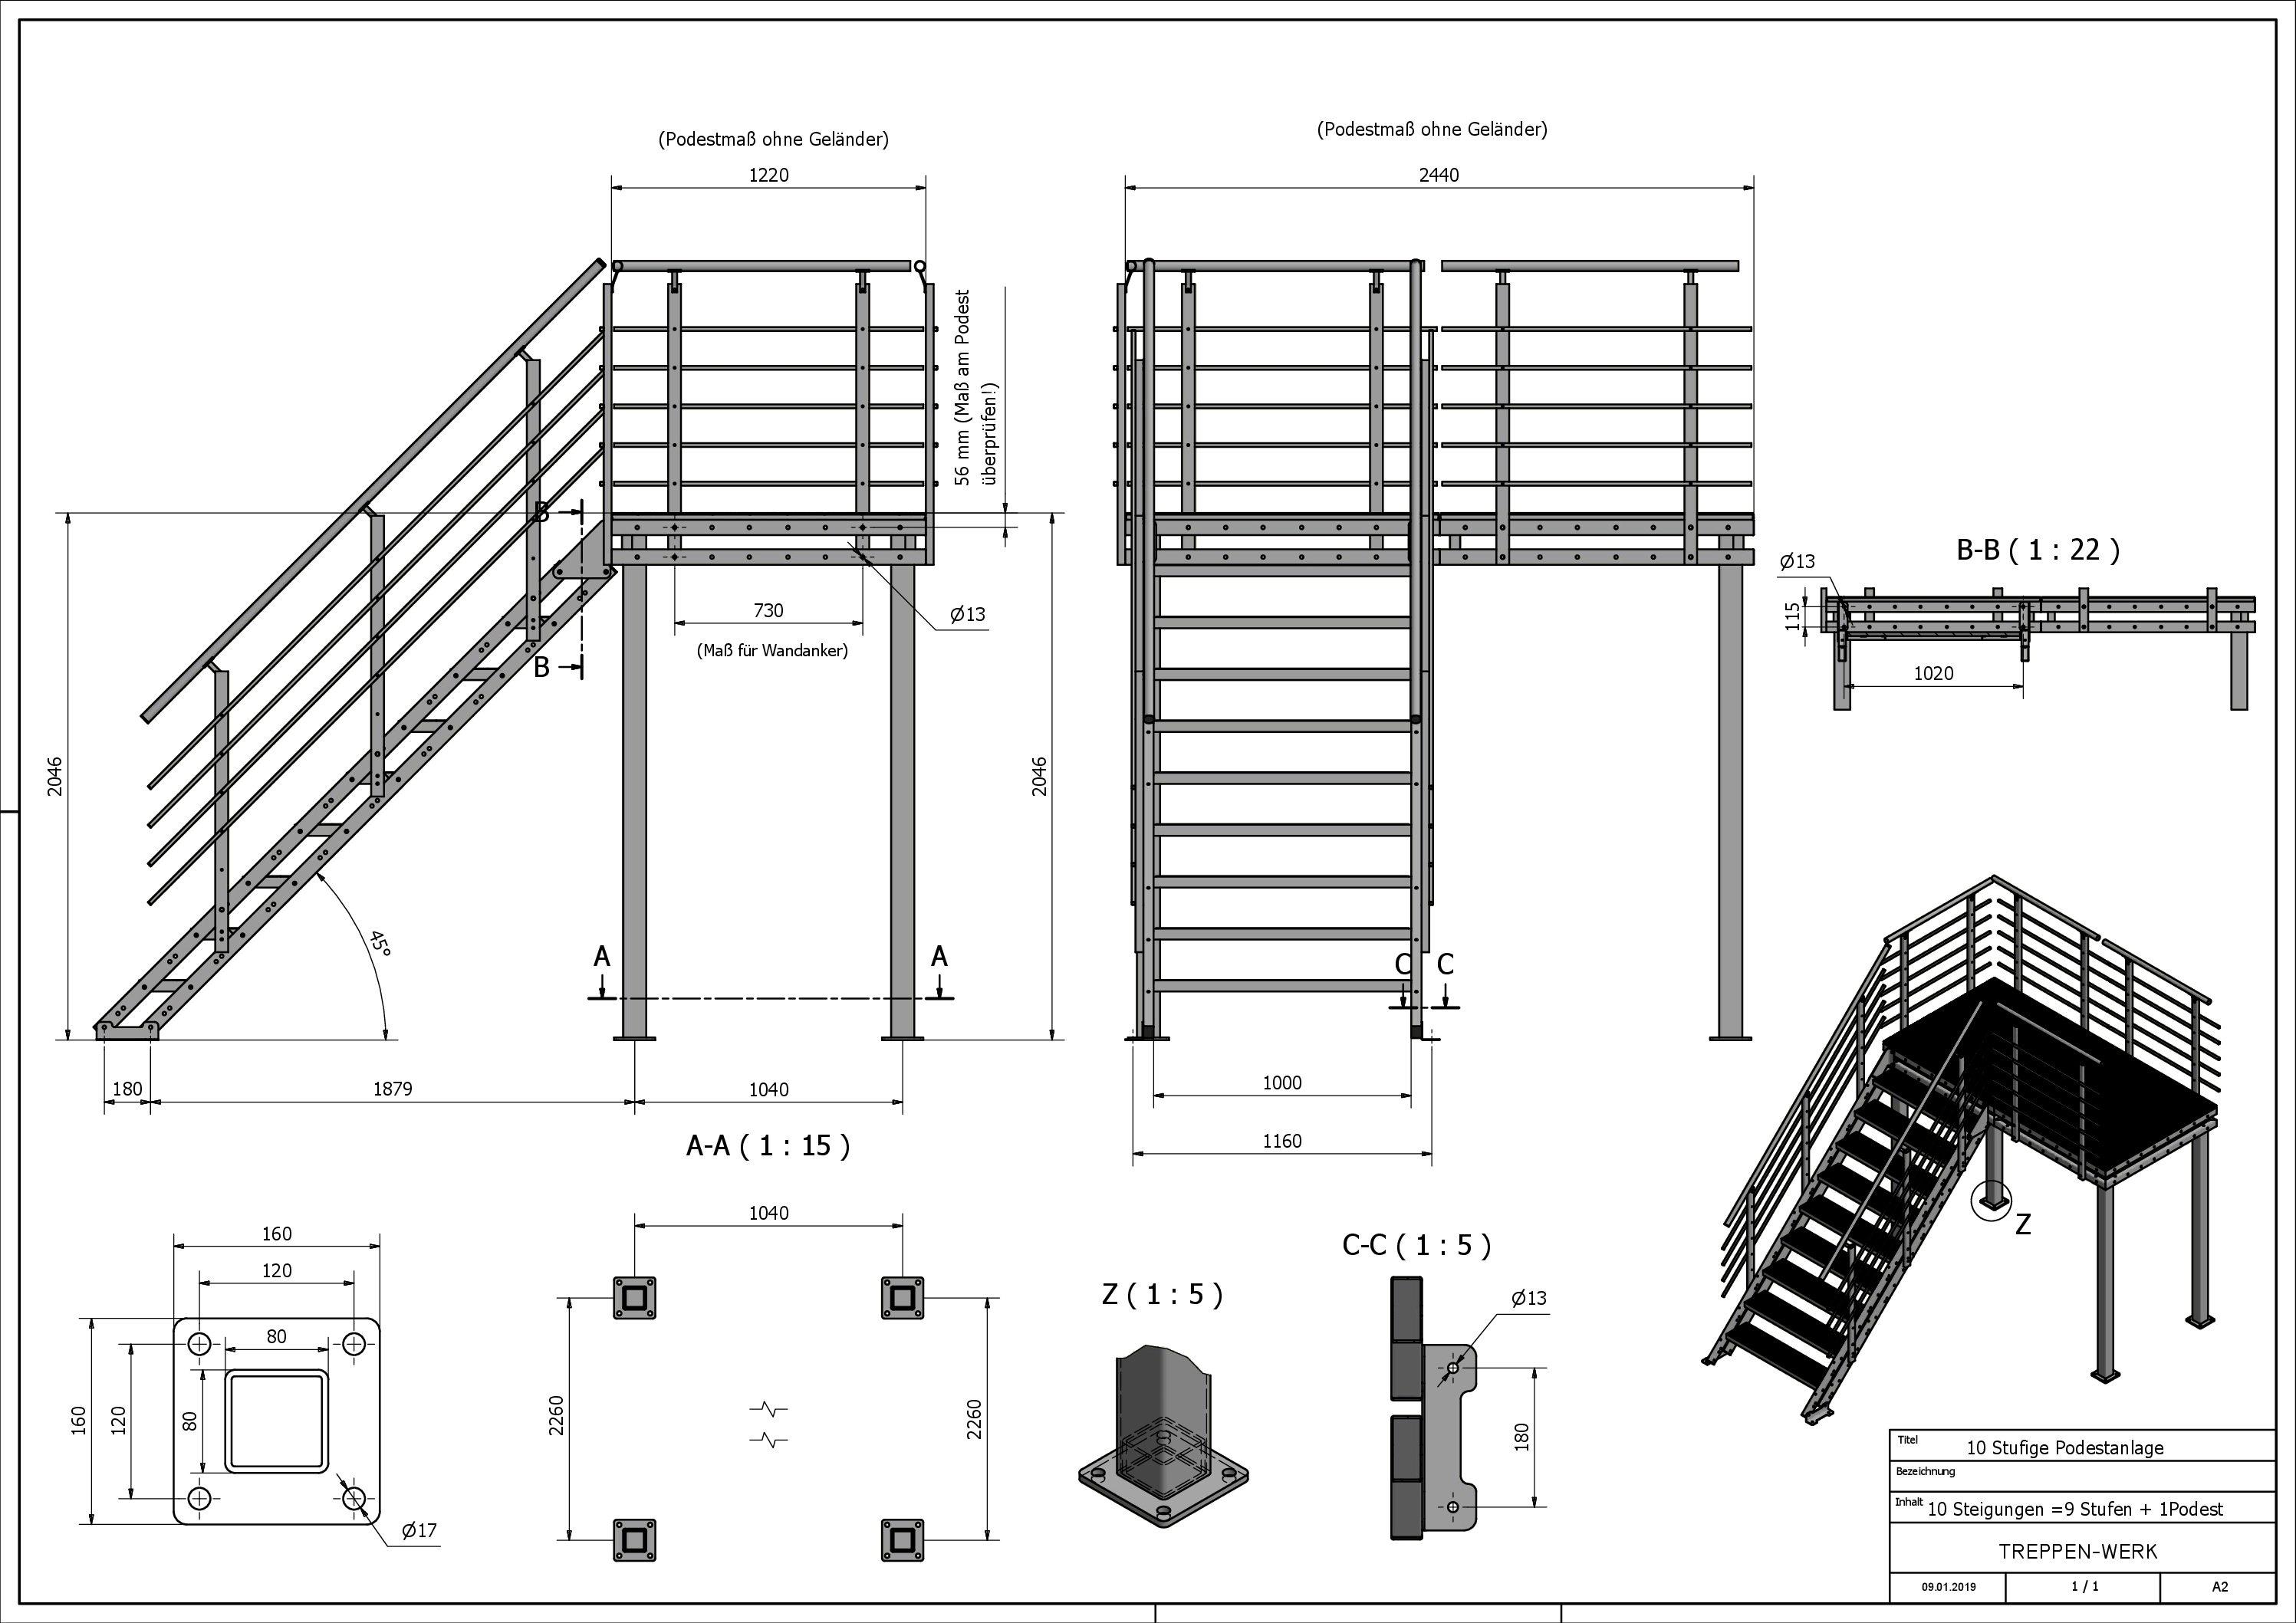 geländerhöhe treppe